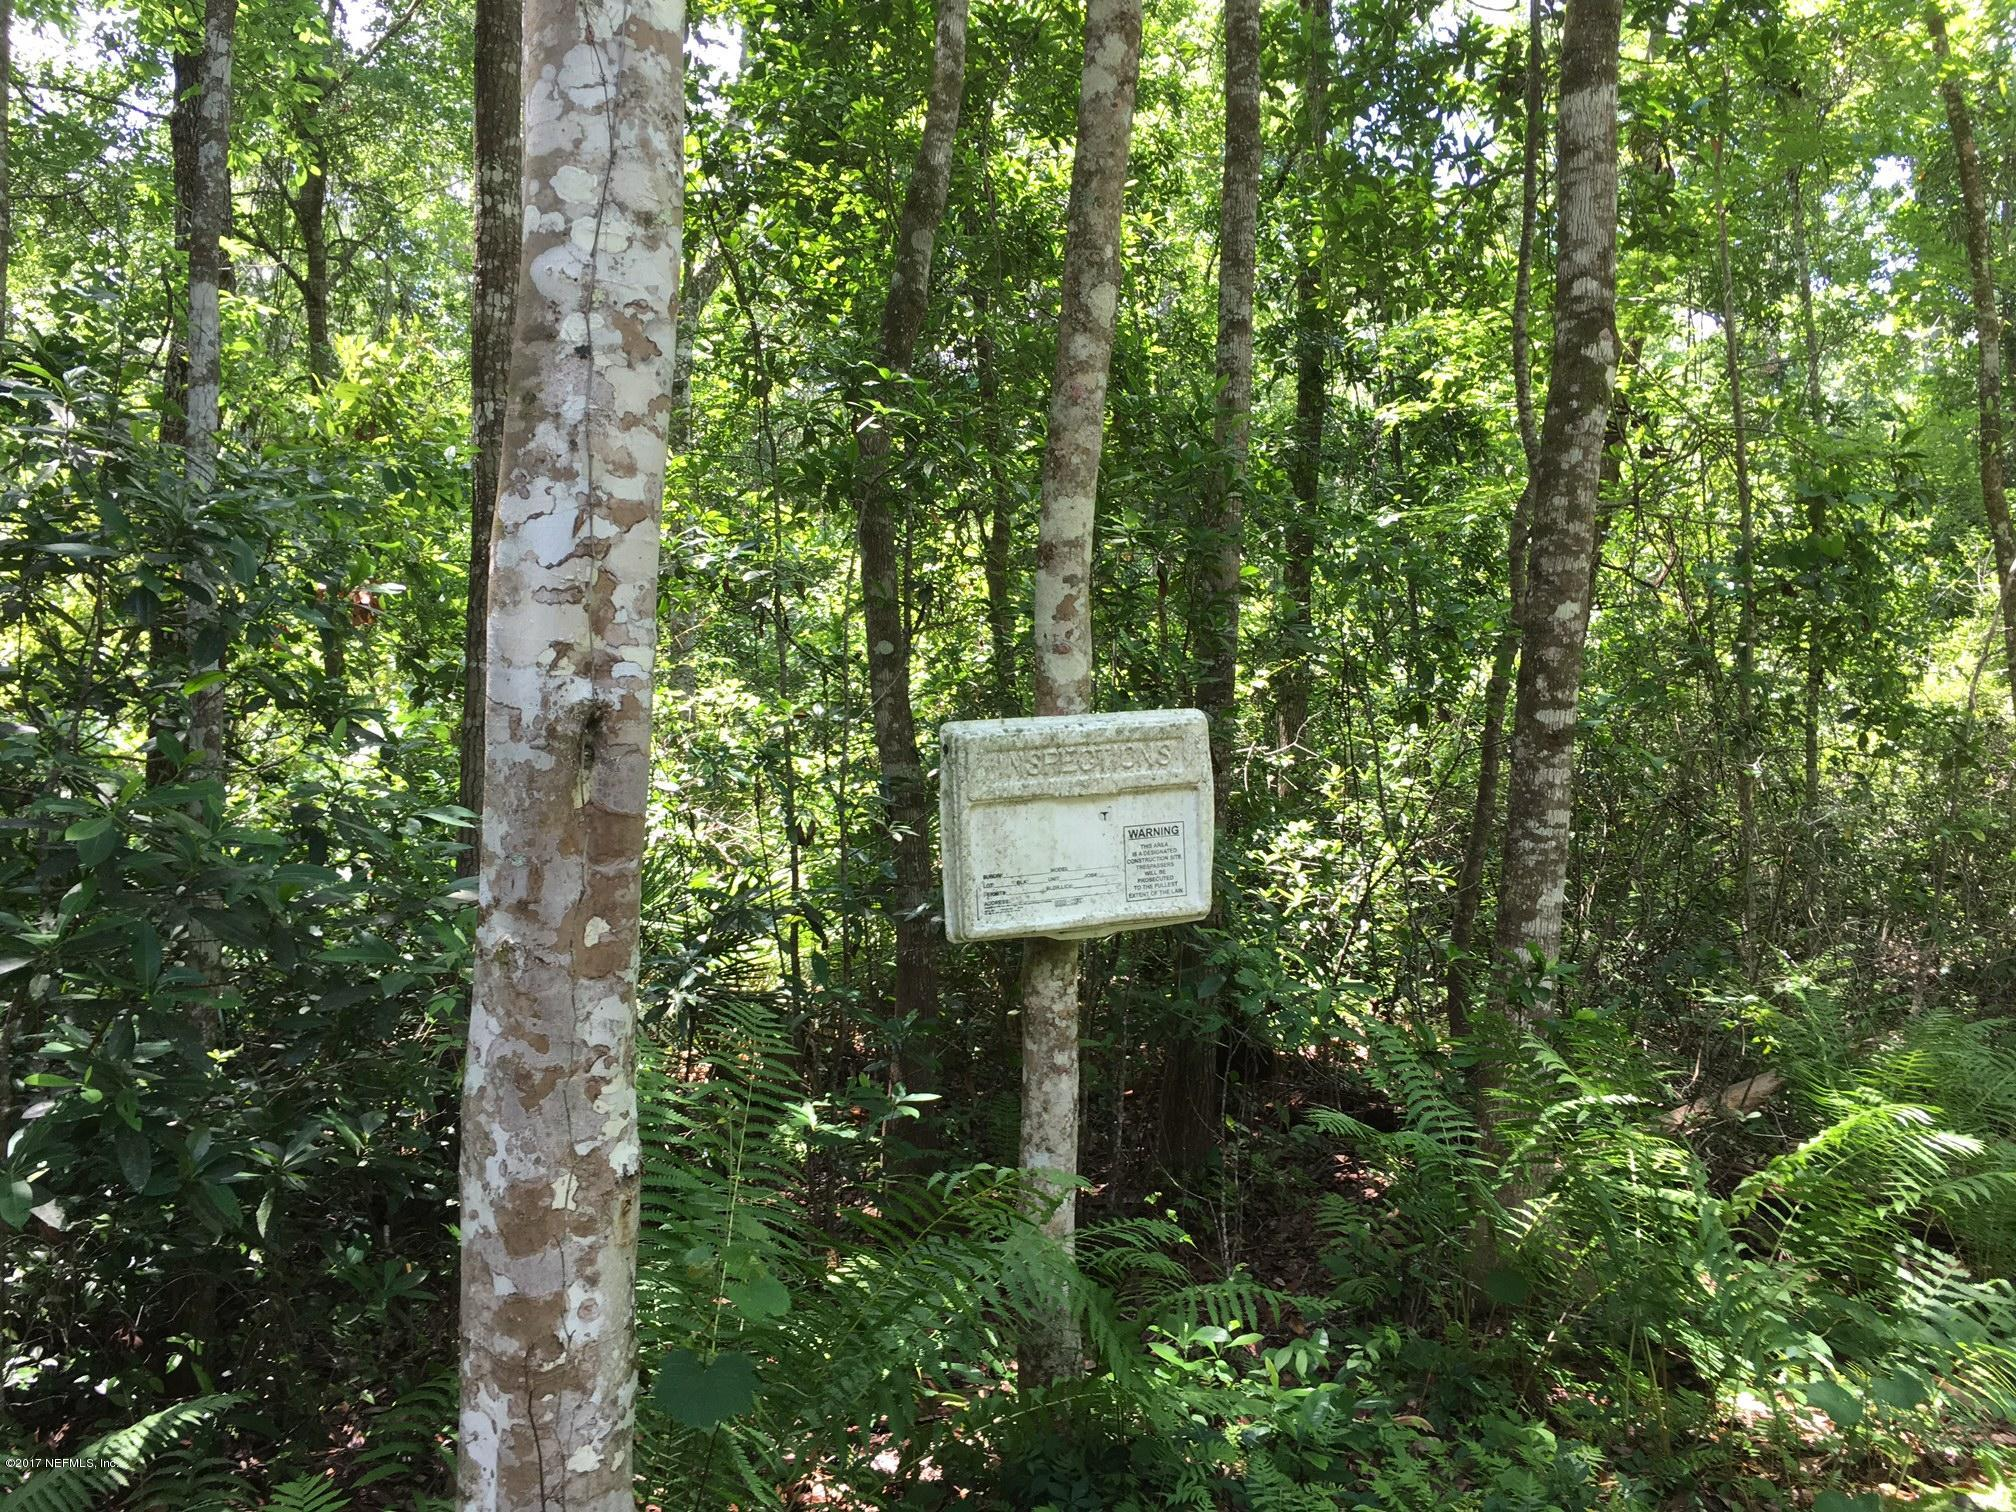 127 POCAHONTAS, FLORAHOME, FLORIDA 32140, ,Vacant land,For sale,POCAHONTAS,885053